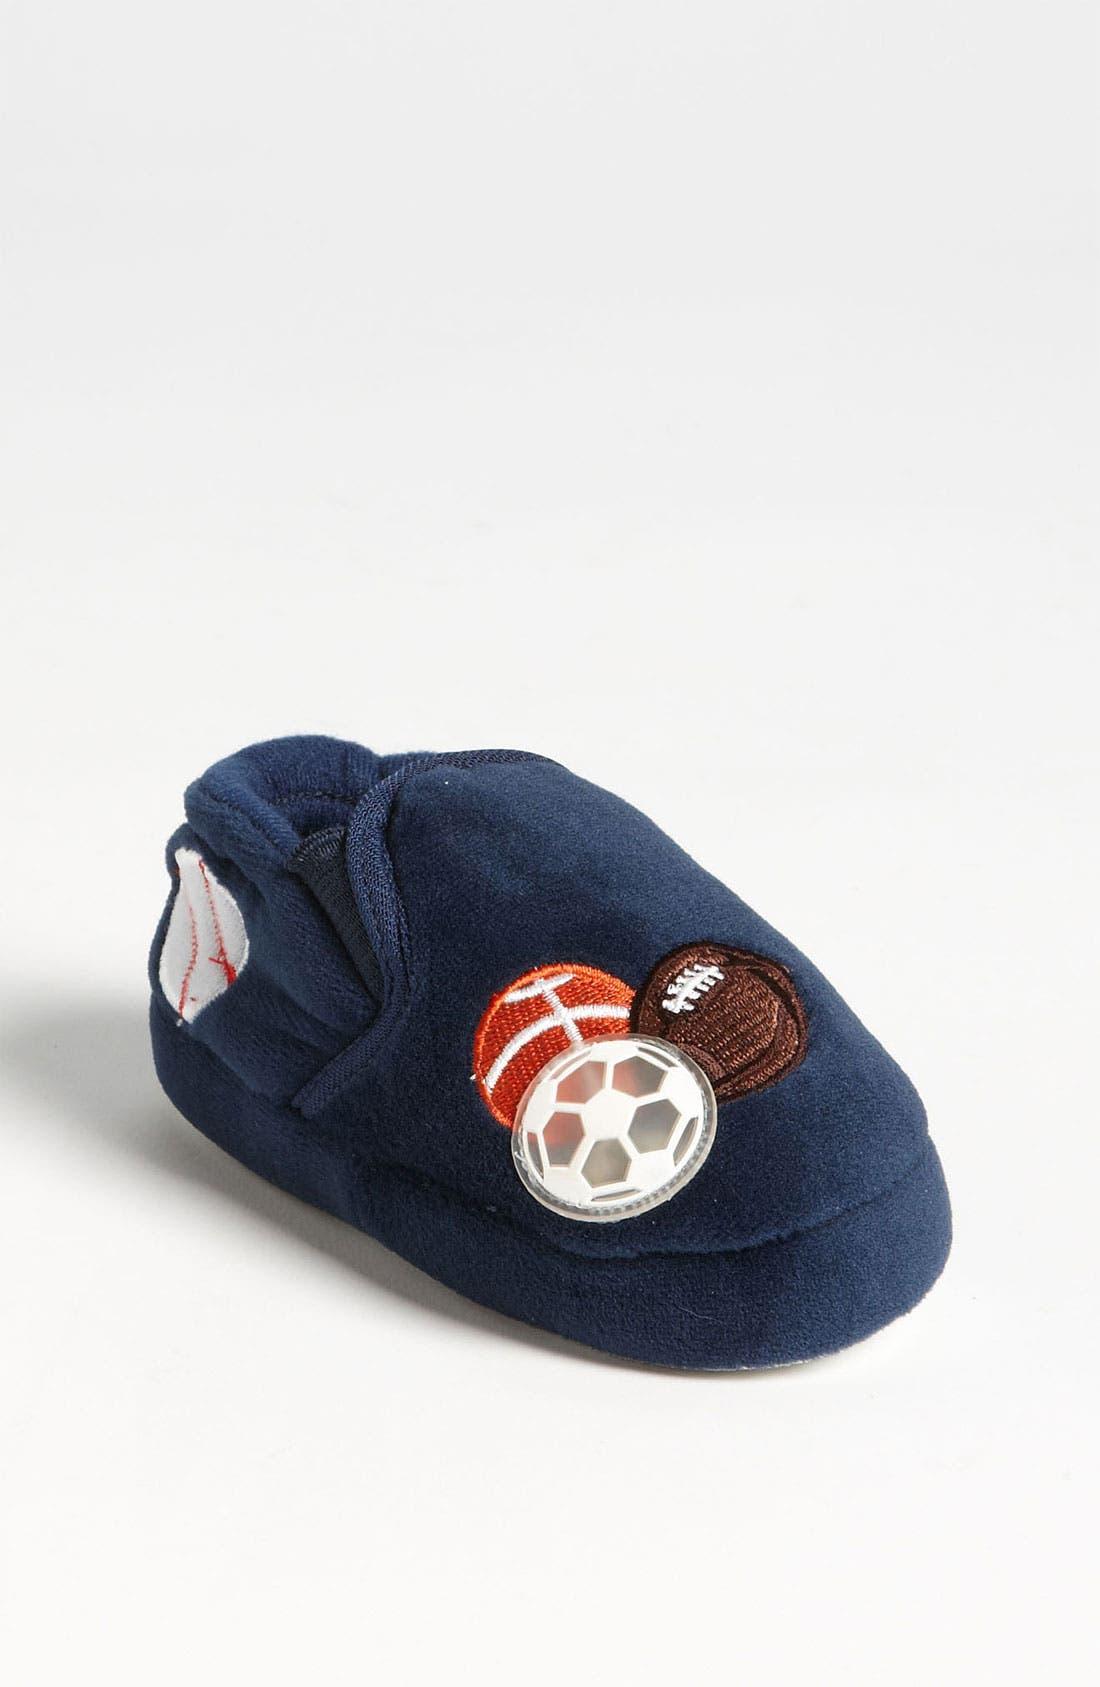 Alternate Image 1 Selected - Stride Rite 'Lighted Sportsballs' Slippers (Walker, Toddler & Little Kid)